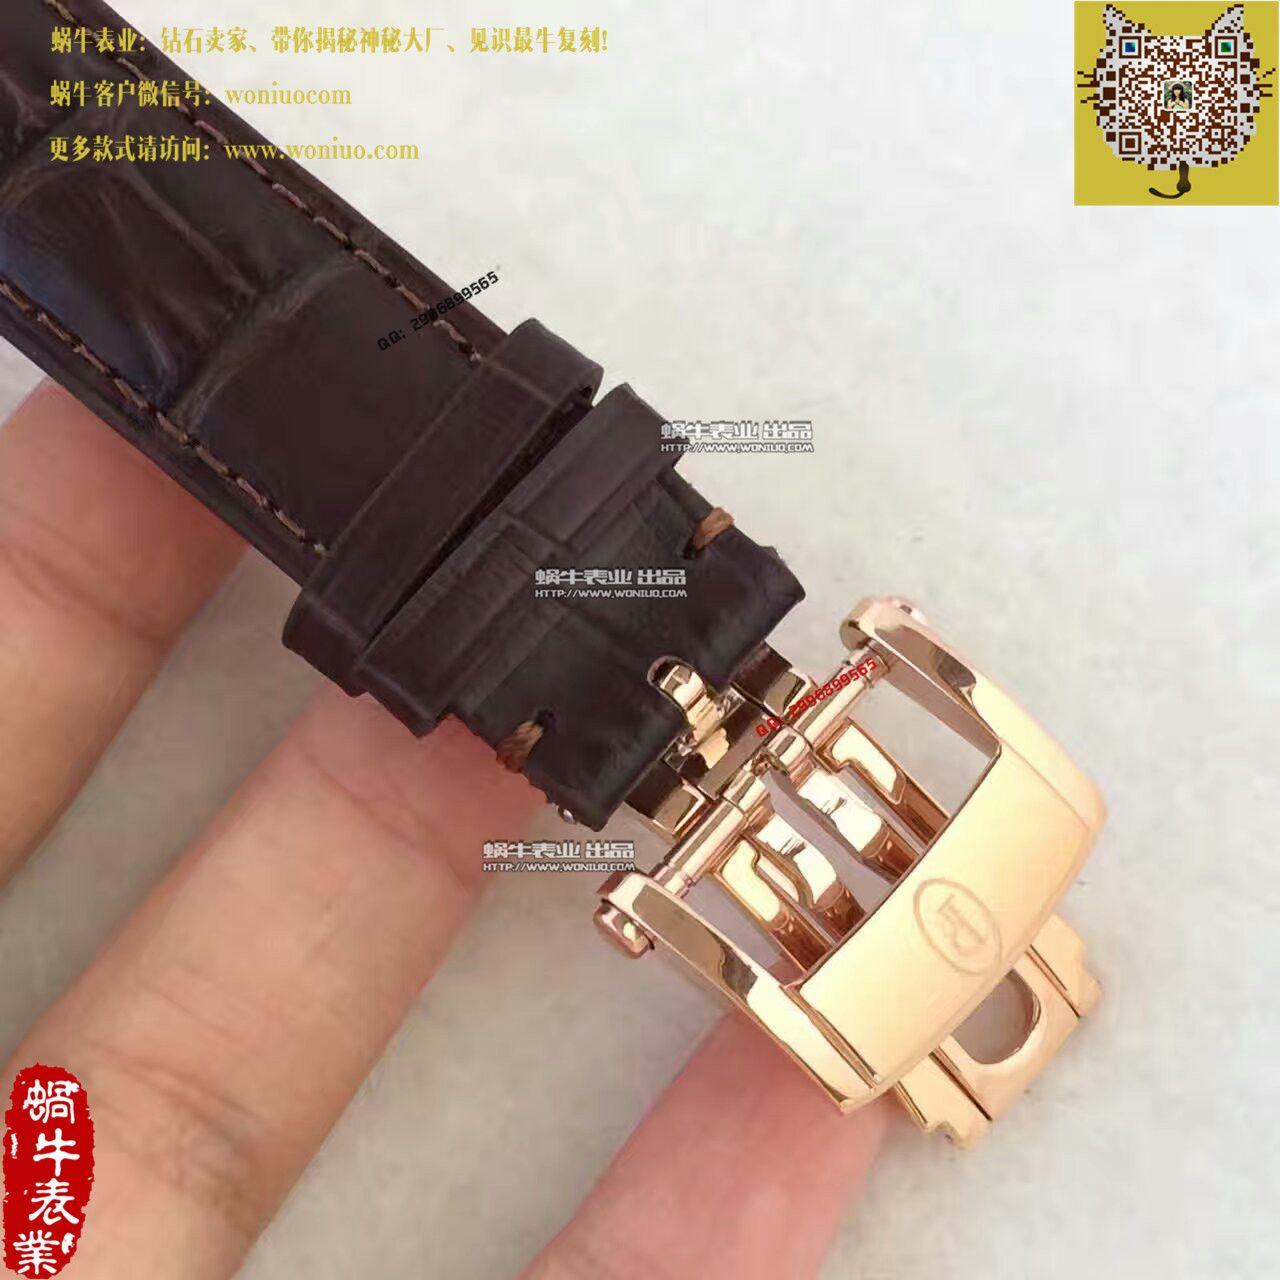 【一比一复刻手表】帕玛强尼Tonda系列PFC267-1002400-HA1241腕表